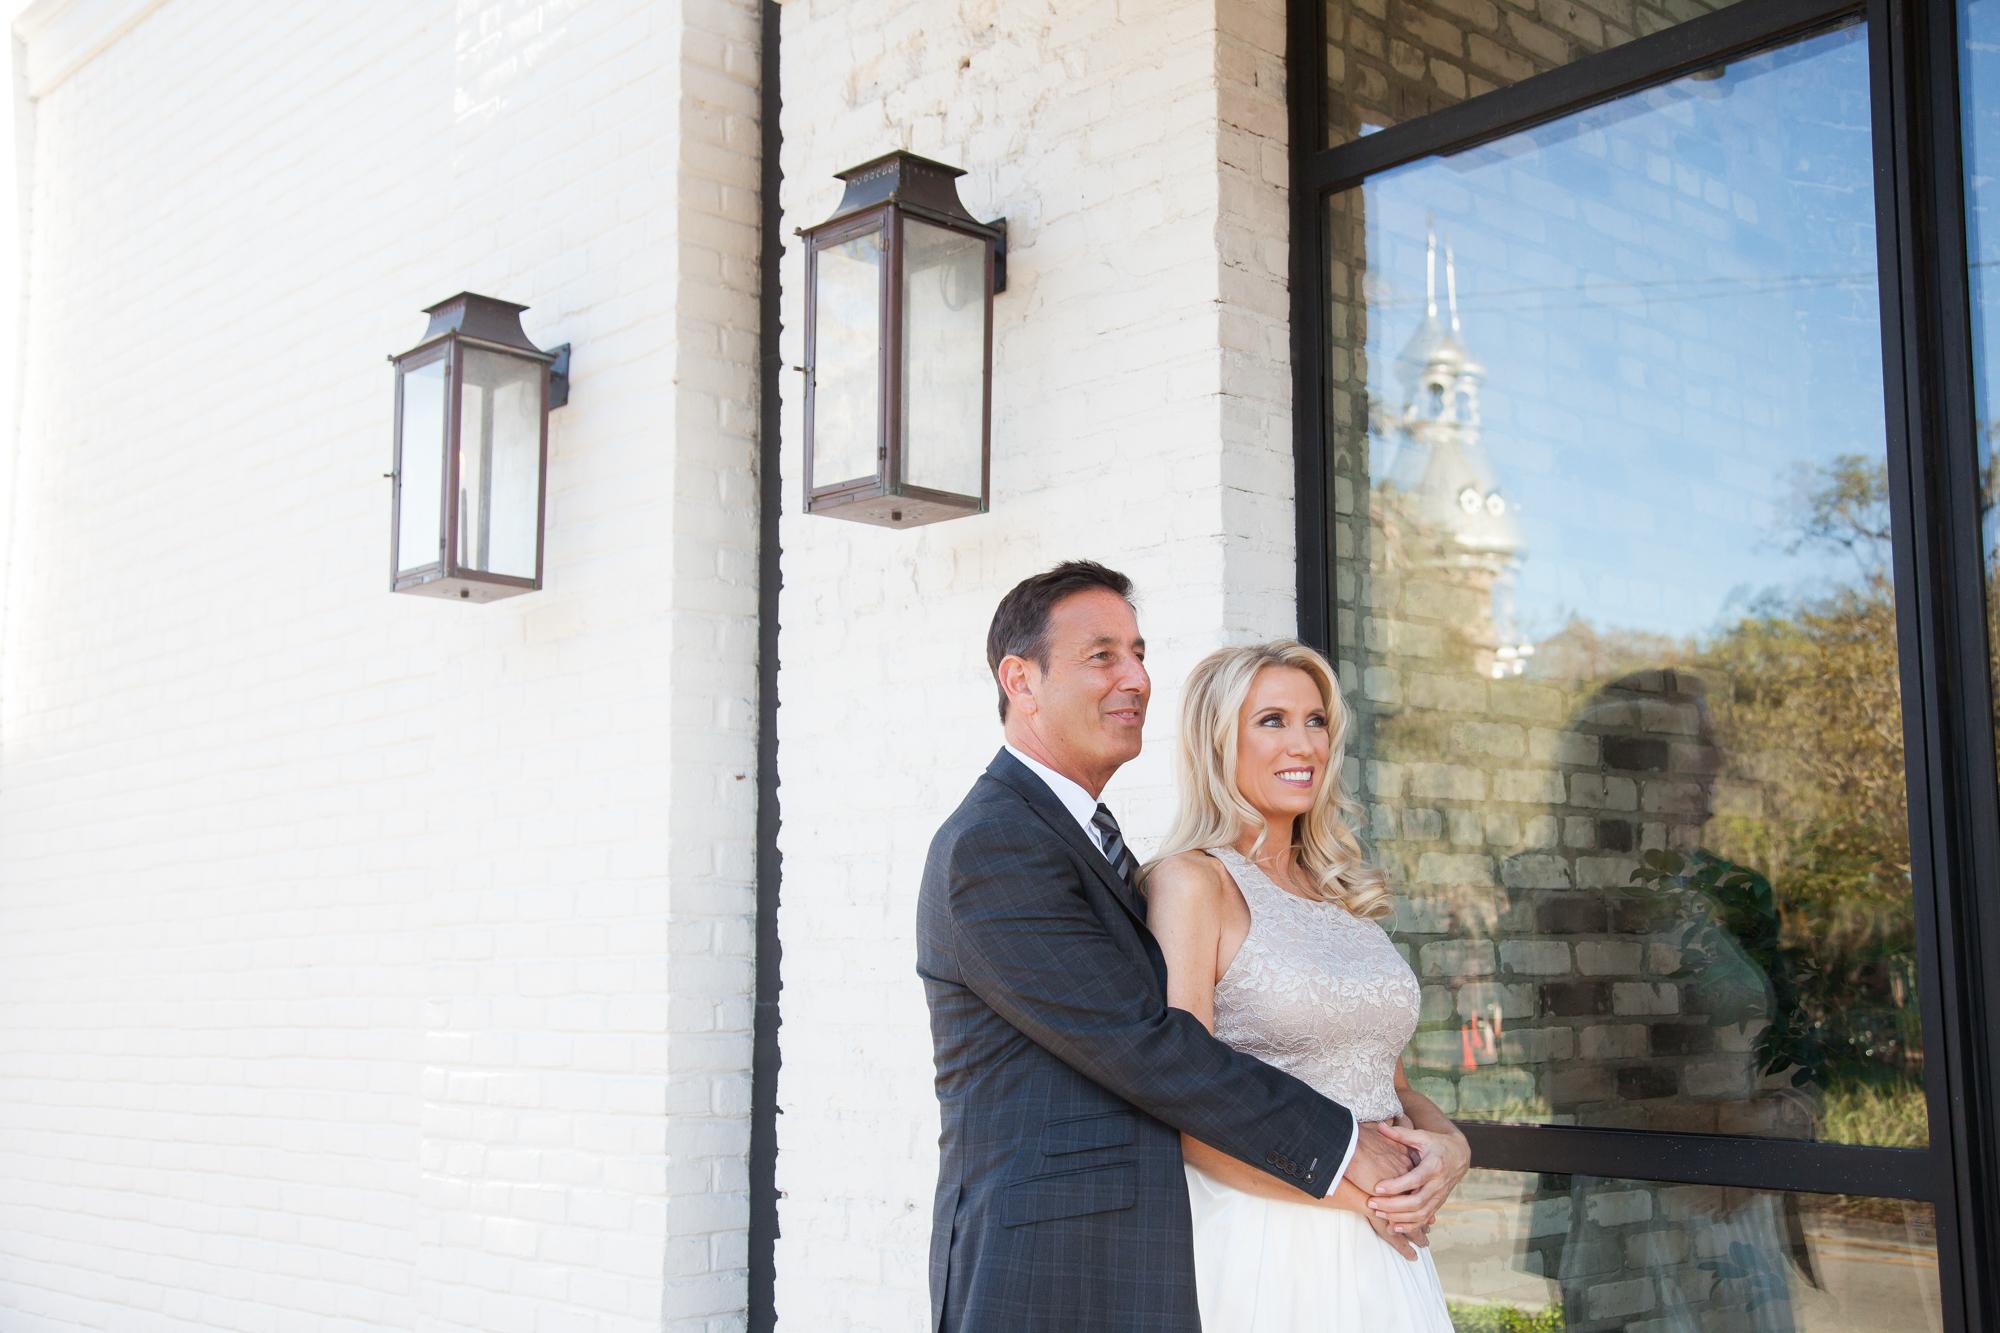 Oxford-Exchange-wedding, Tampa-wedding-photo